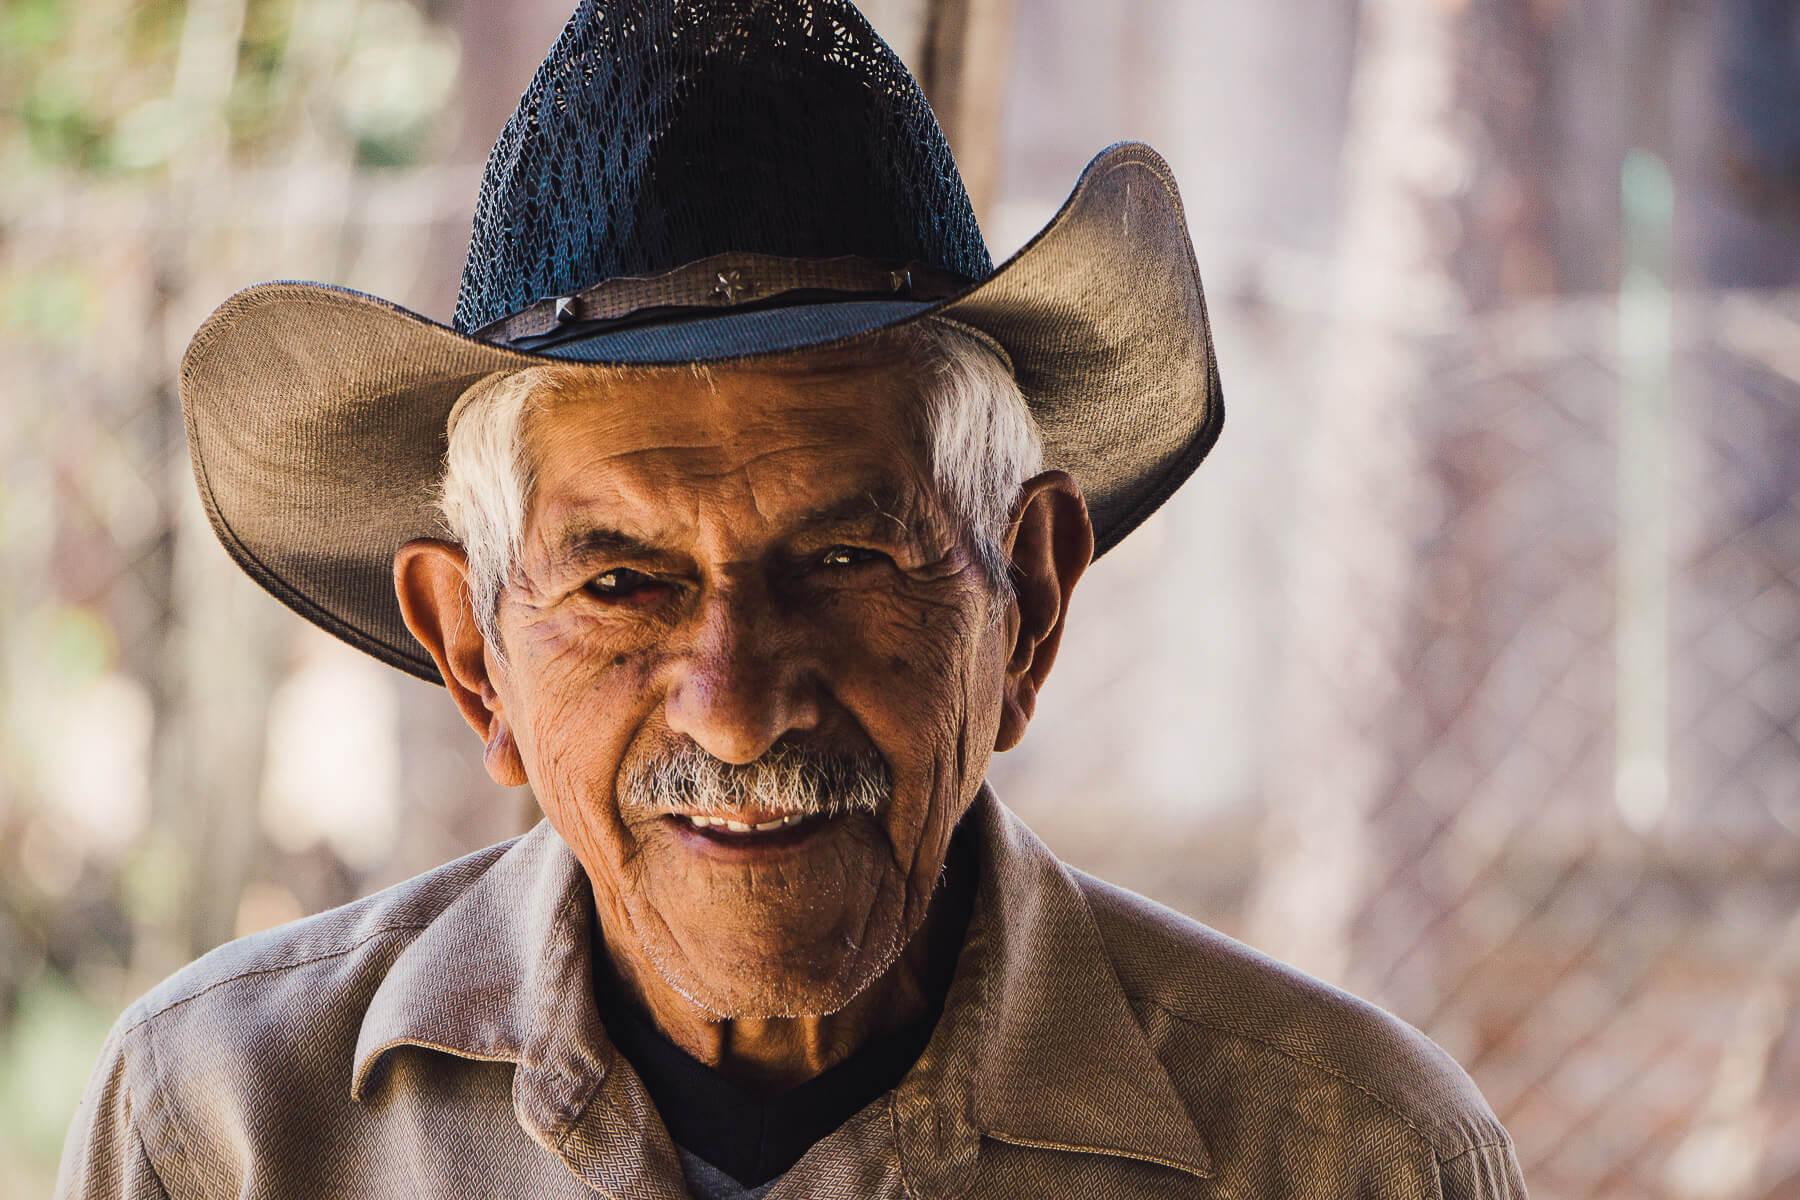 Rural Honduras farmer